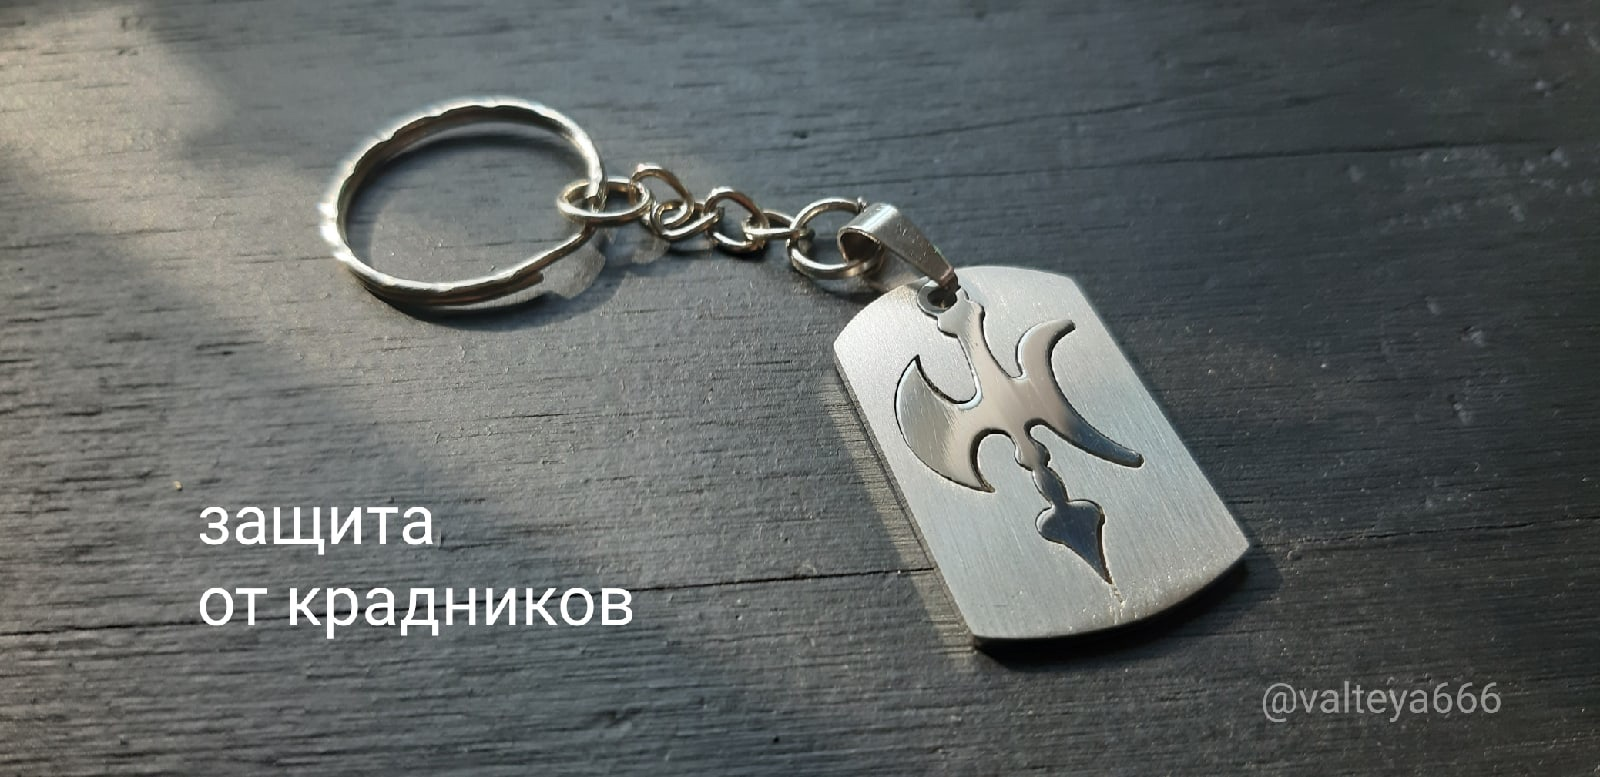 киев - Амулеты, талисманы, обереги из металла. - Страница 2 JZ-Y7sWj9Hw